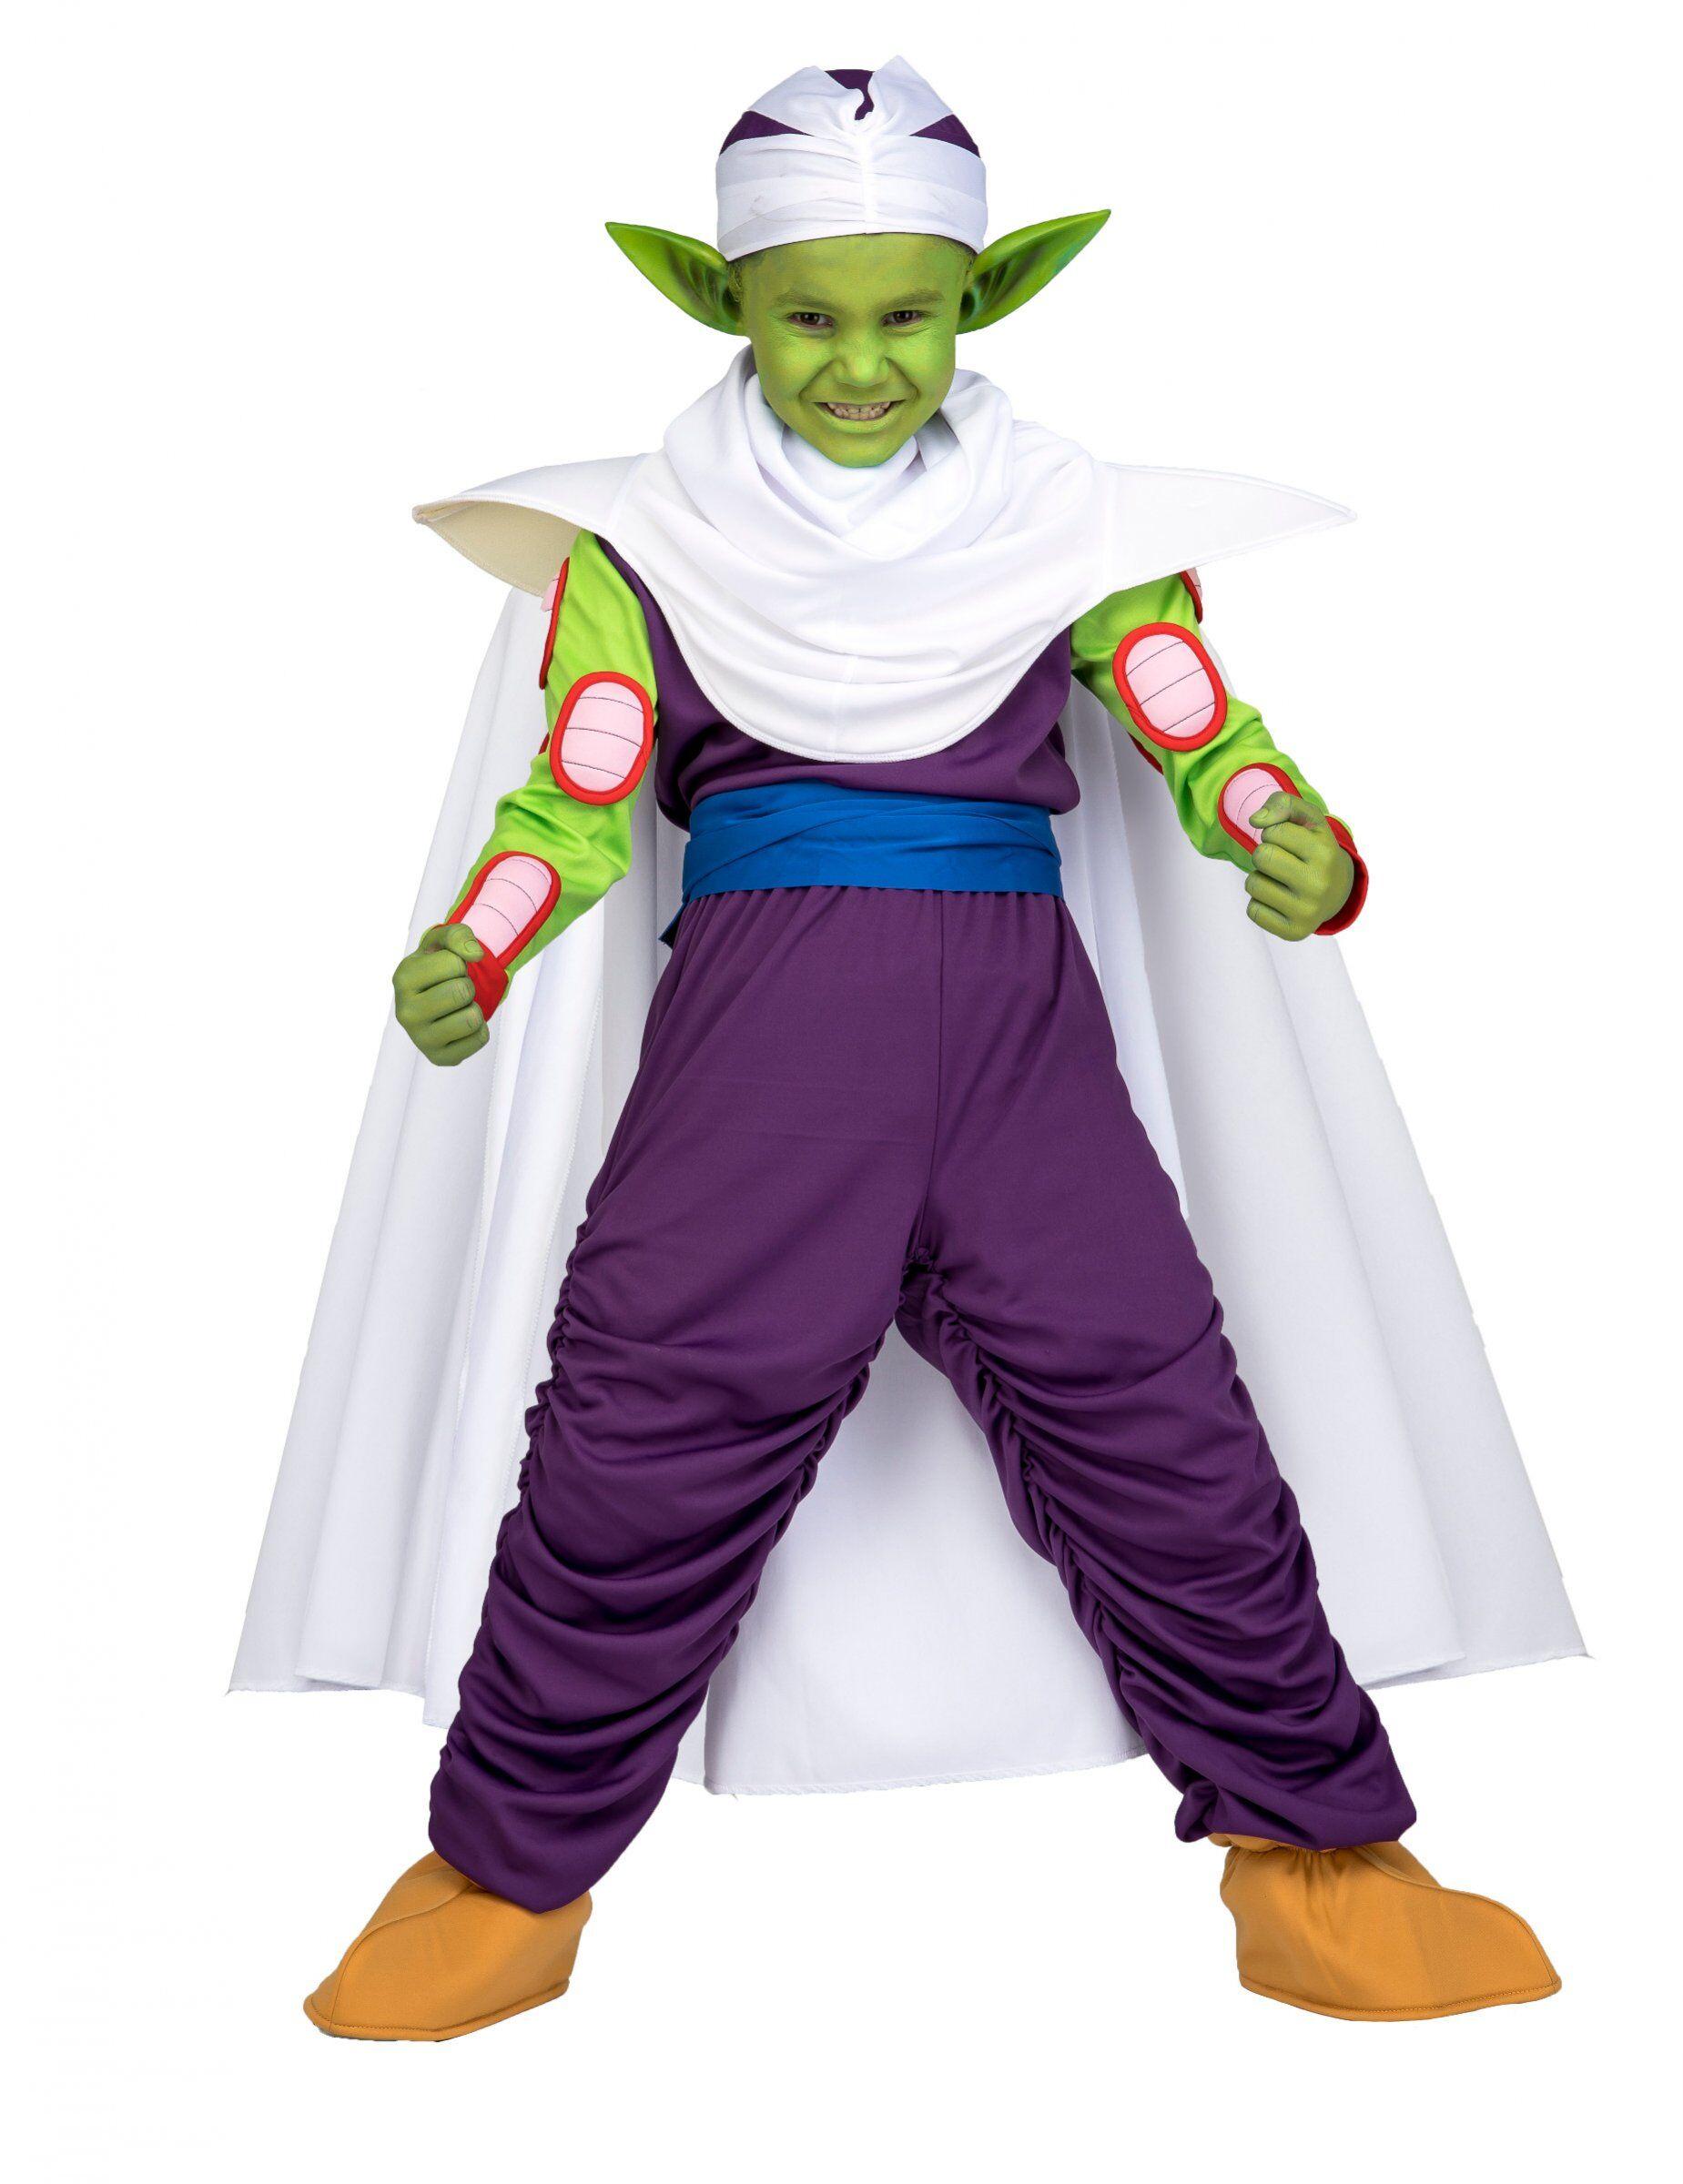 Deguisetoi Coffret déguisement Piccolo Dragon Ball enfant avec maquillage - Taille: 13 - 14 ans (160 - 170 cm)